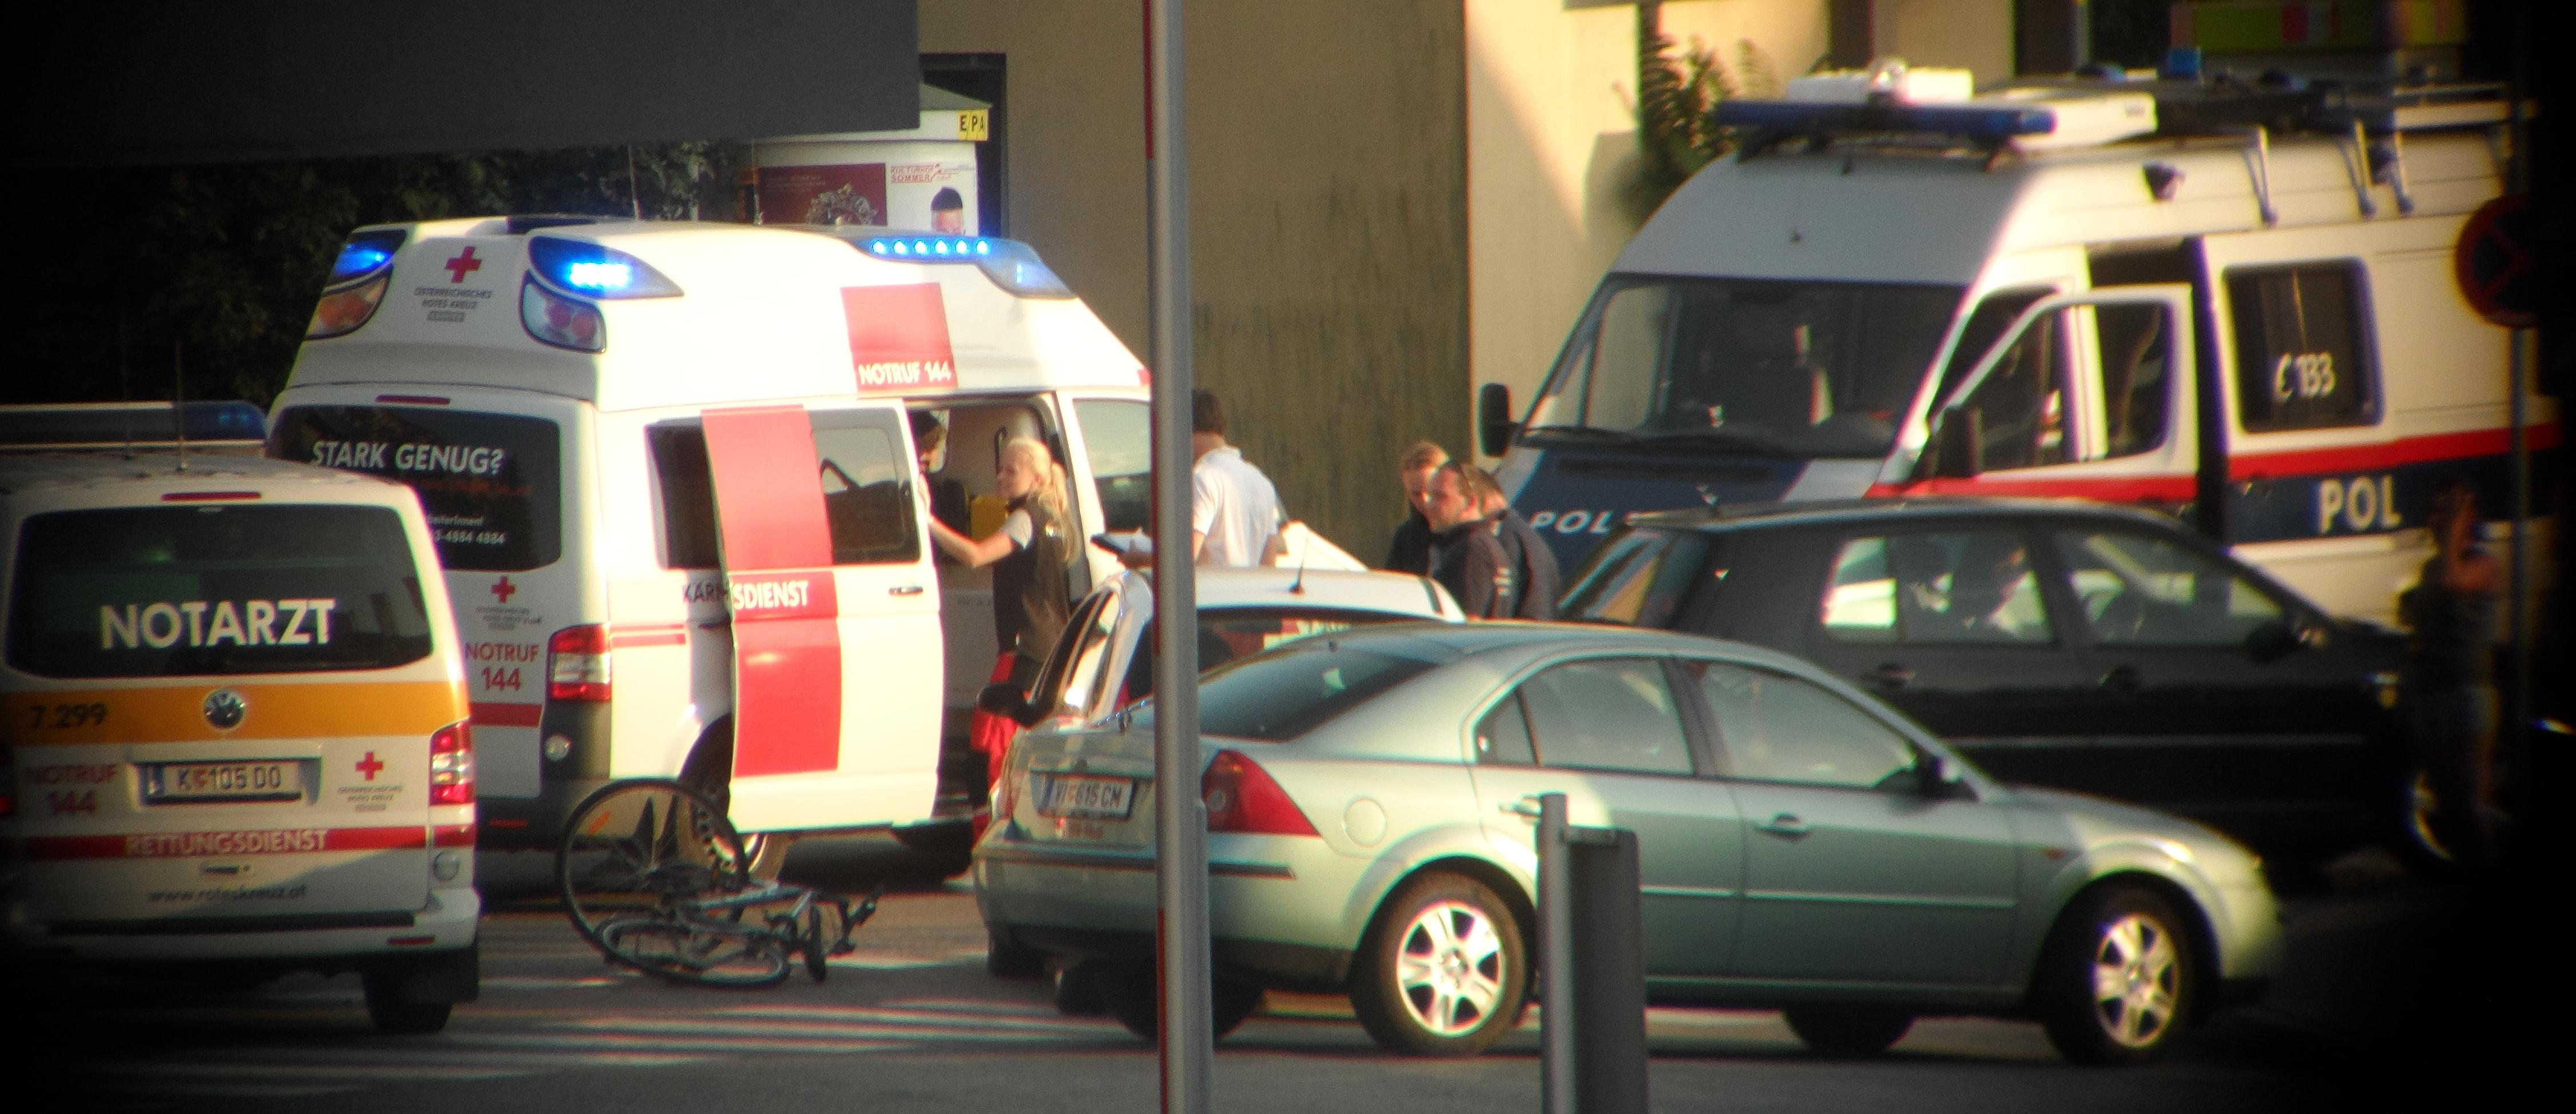 Foto einer Unfallstelle um die Rettungskräfte versammelt sind